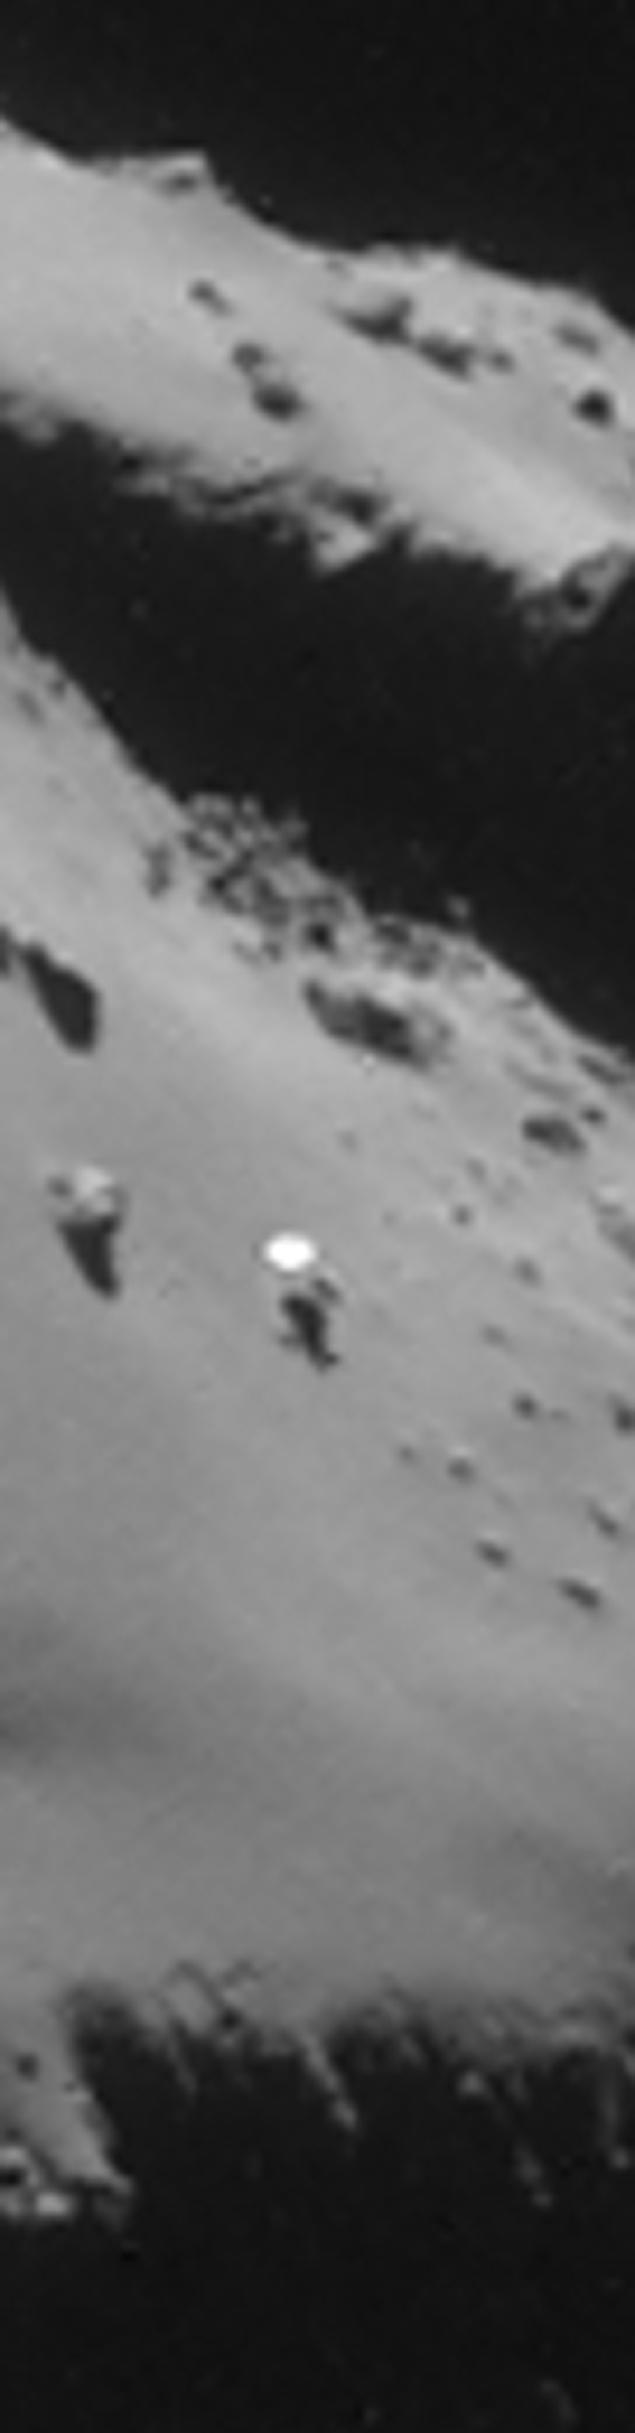 Действительно, рядом с кометой висит какой-то белый диск.